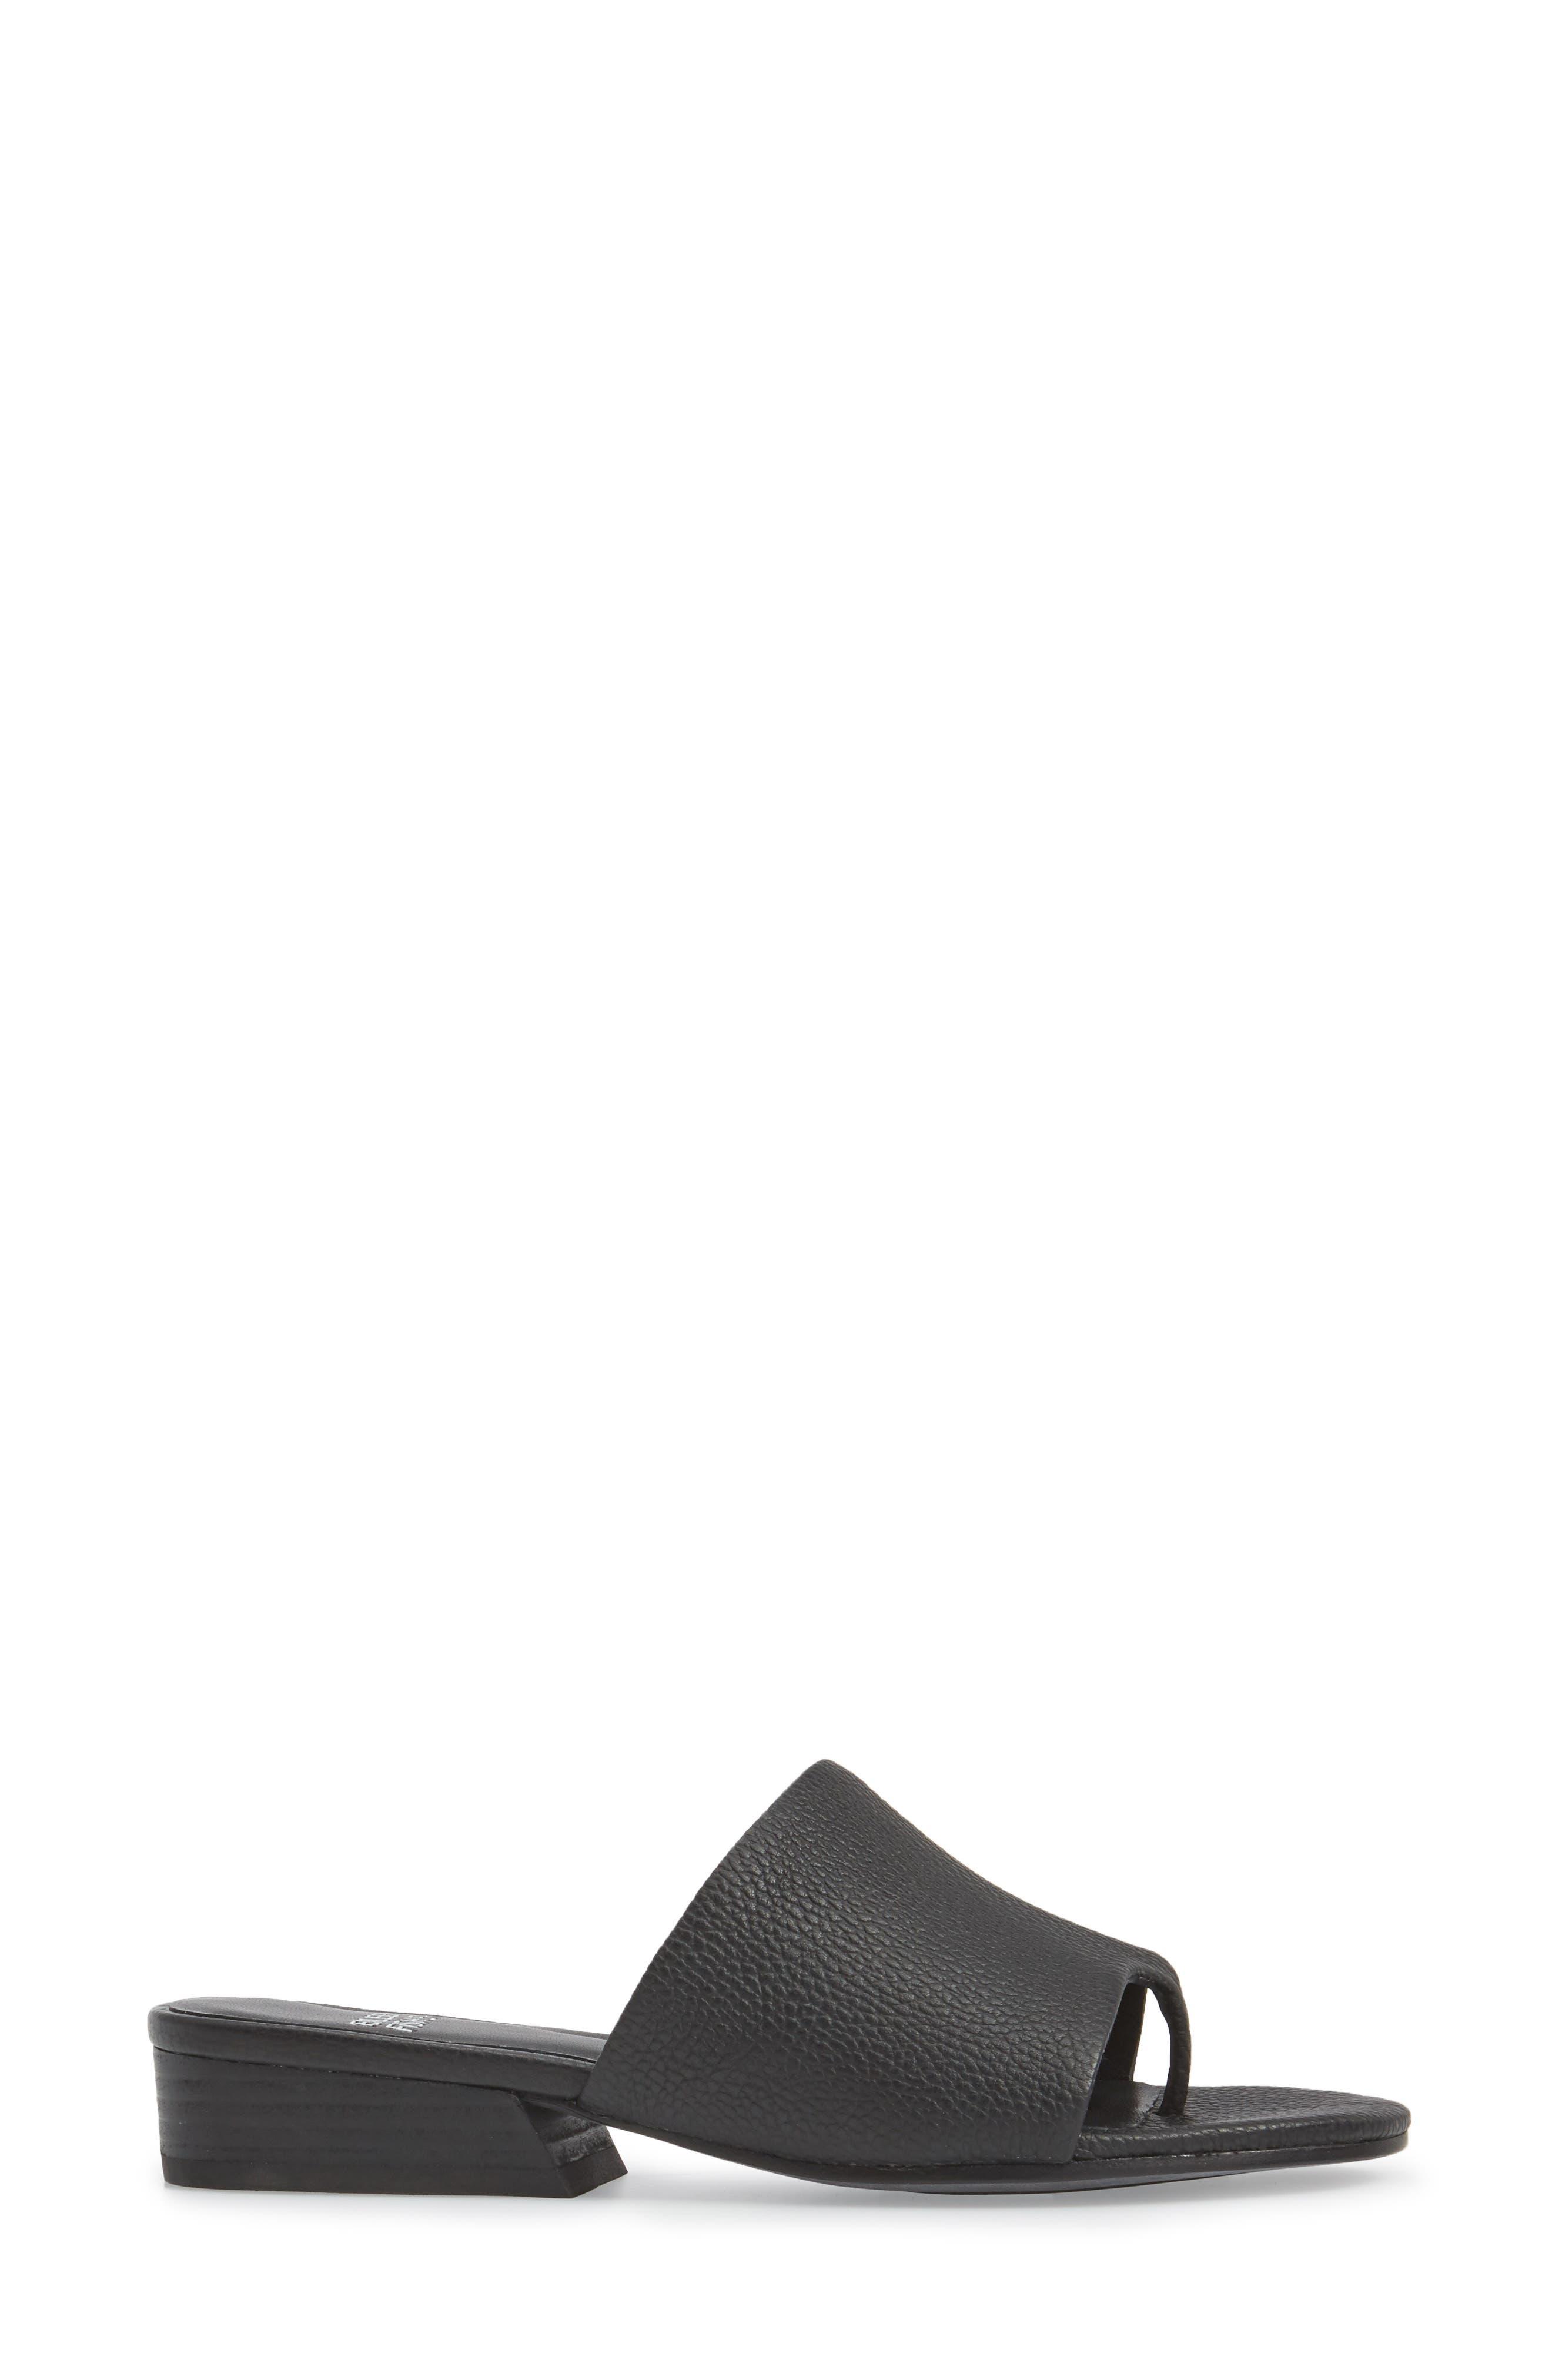 Beal Slide Sandal,                             Alternate thumbnail 13, color,